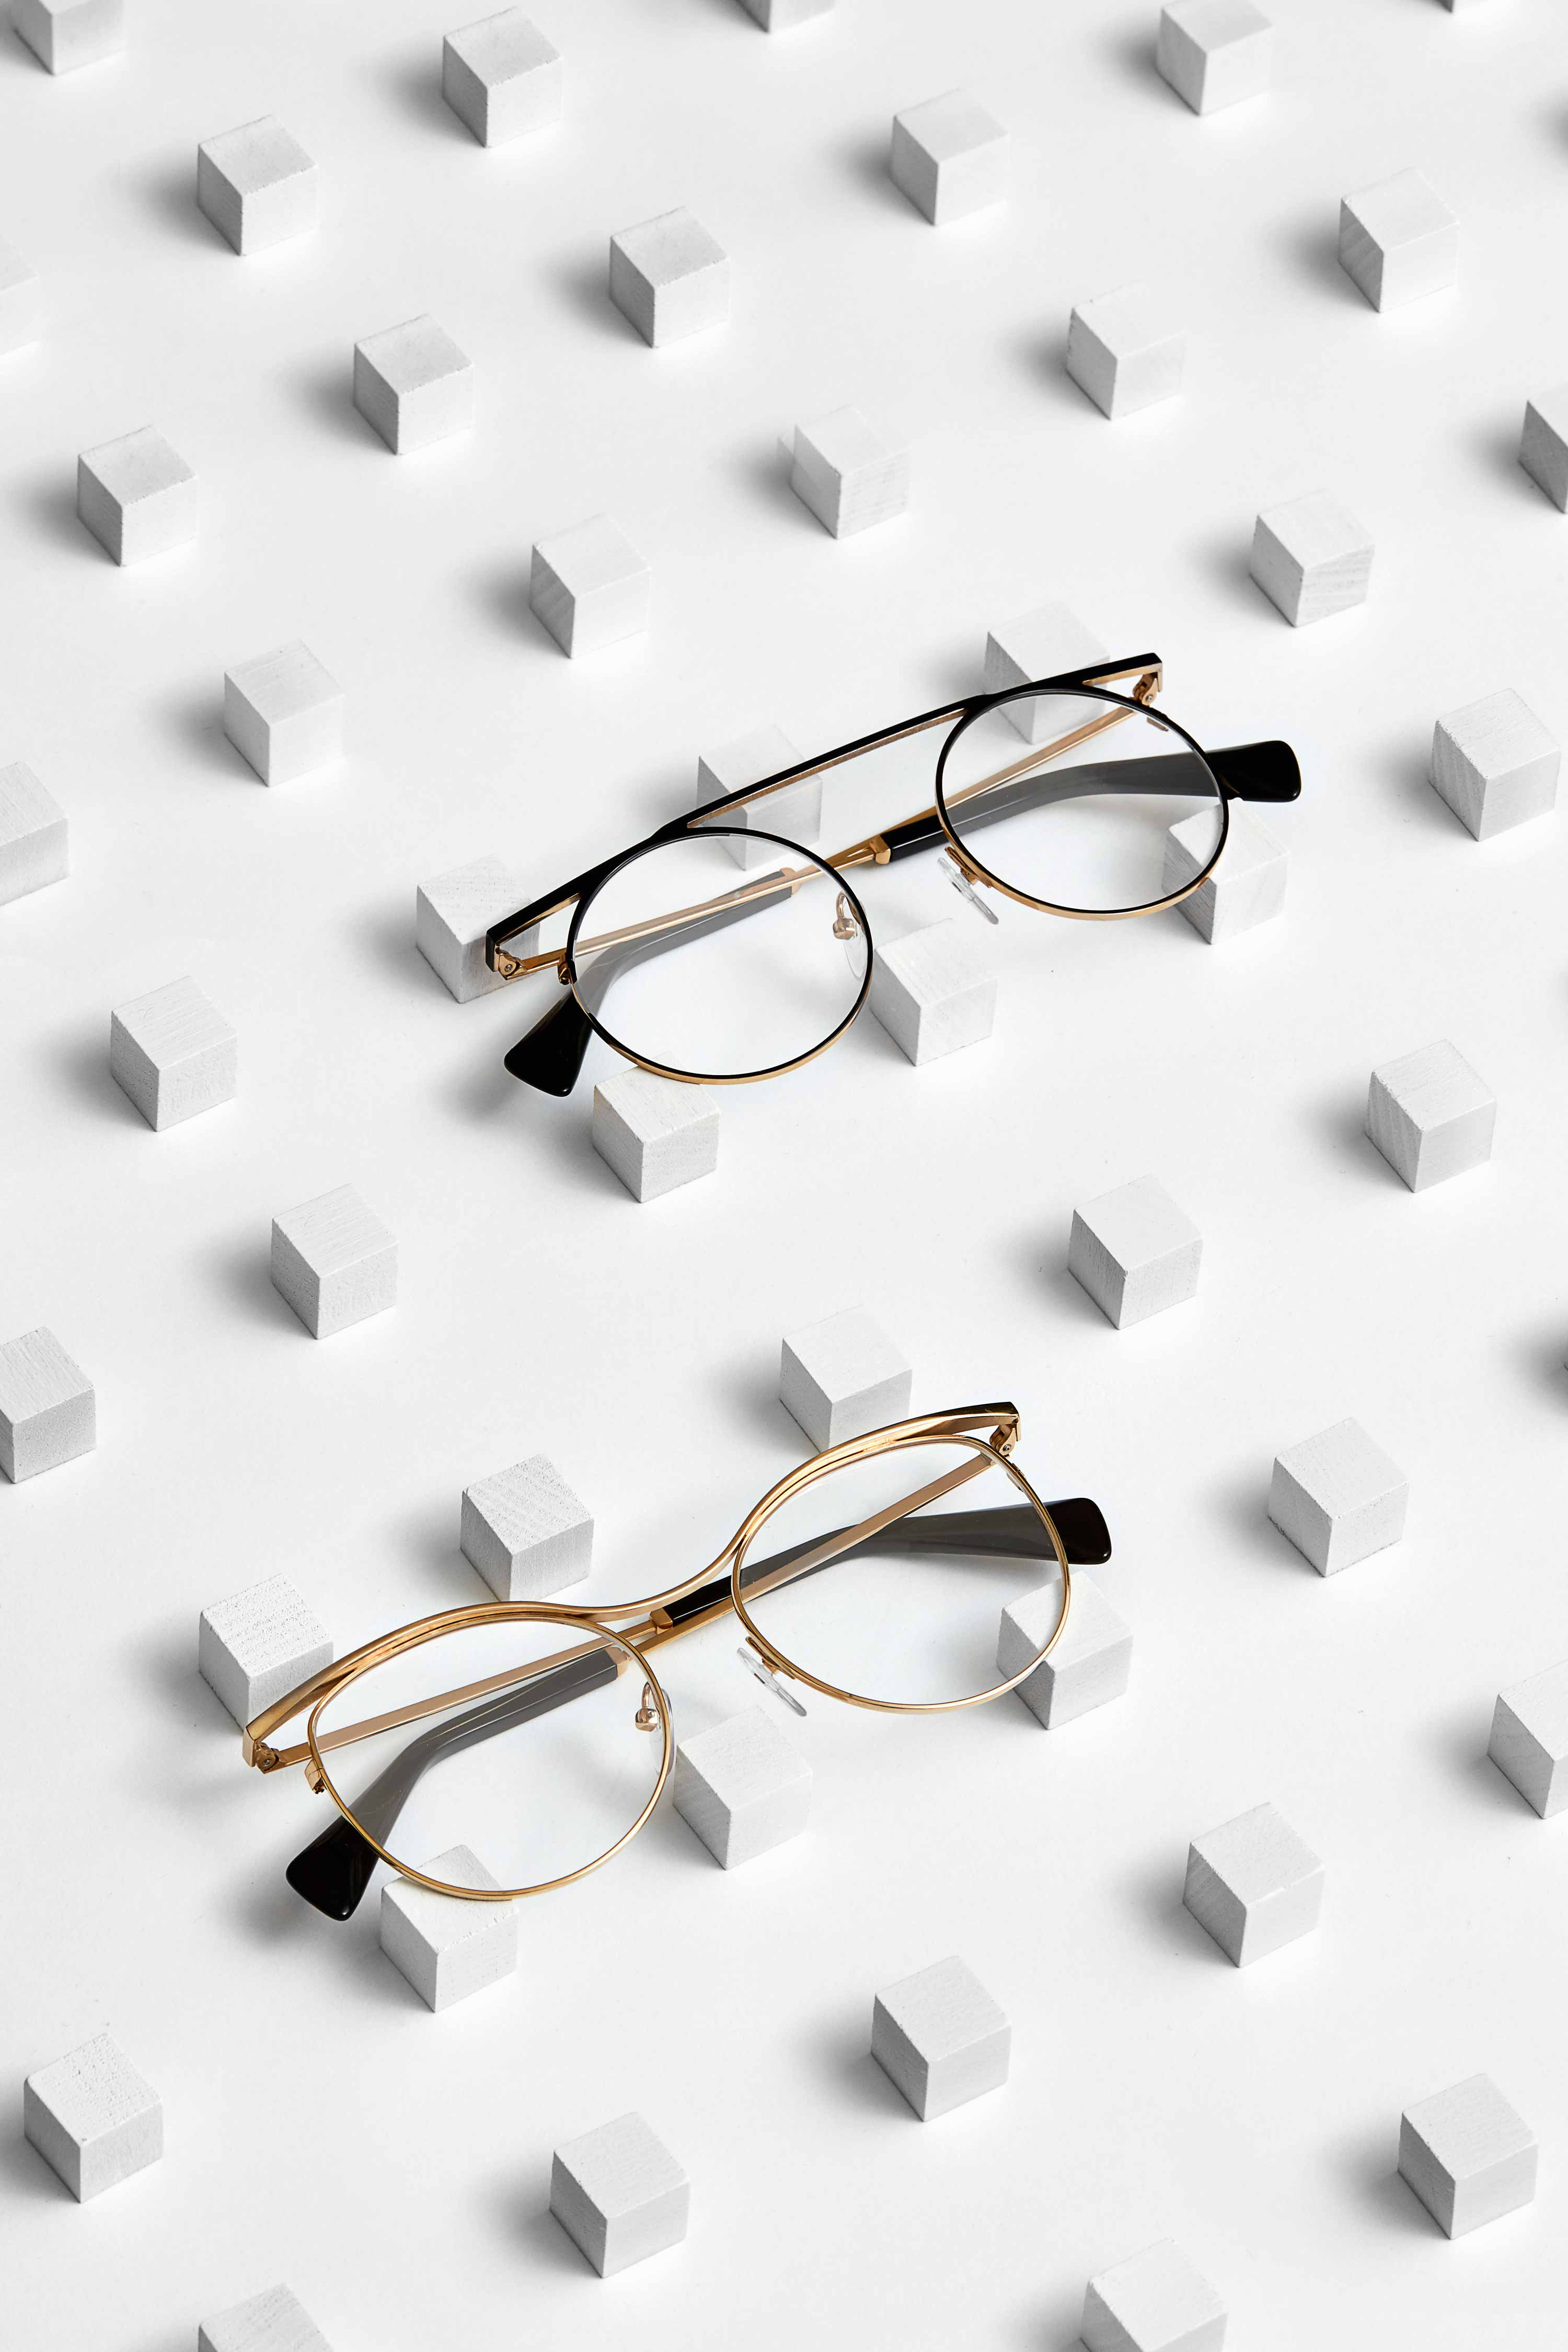 """YY1032  """"Dieses Modell verbindet Kurven mit perfekt geraden Linien. Kontraste aus runden Augenformen und flachen Augenbrauenpartien sind typisch für YOHJI YAMAMOTOS Stil. Eine feine Schicht laminiertes Azetat verläuft bis in die Gläser und die untere Brücke weist einen Einschnitt auf. Der Höhepunkt von Yohjis Avantgarde-Stil.""""  YY3014 """"Das Titanmodell »YY3014« verkörpert Minimalismus in reinster Form. Es verströmt Weiblichkeit. Die delikate Kurvenform um die Nasenbrücke sowie die geradlinige Augenbrauen schaffen Sinnlichkeit und Mysterium. Ein Beispiel dafür, dass die visuelle Ästhetik von YOHJI YAMAMOTO oft am lautesten spricht, wenn sie nichts sagt."""""""